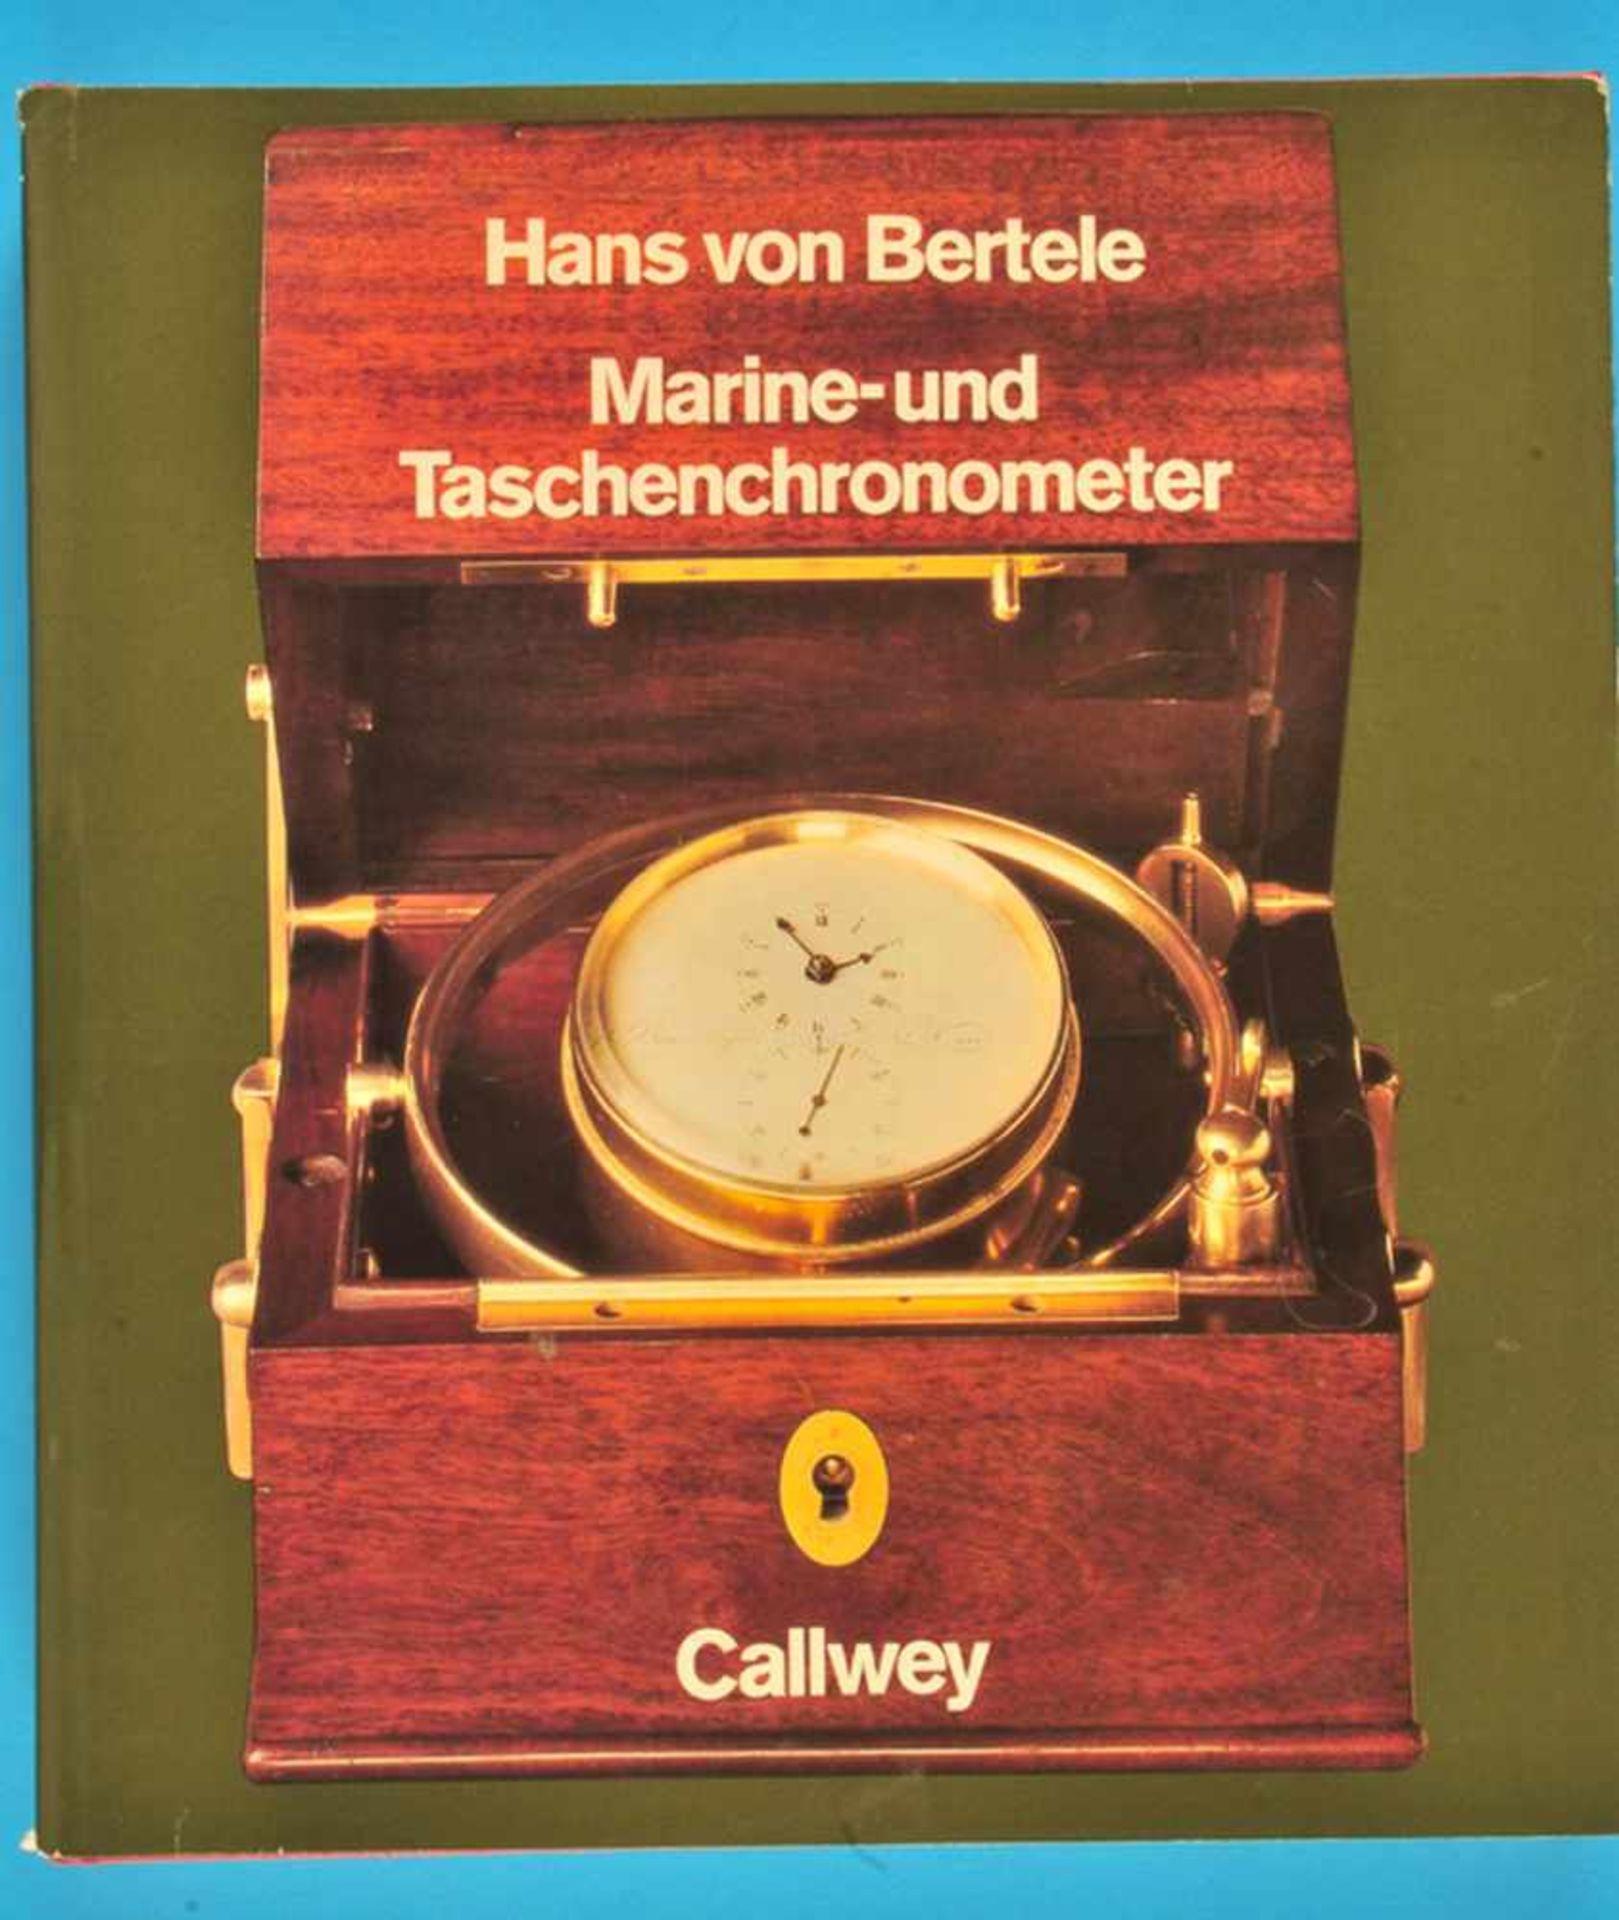 Los 26 - Hans von Bertele, Marine- und Taschenchronometer - Geschichte, Entwicklung, Auswirkungen, 1981Hans